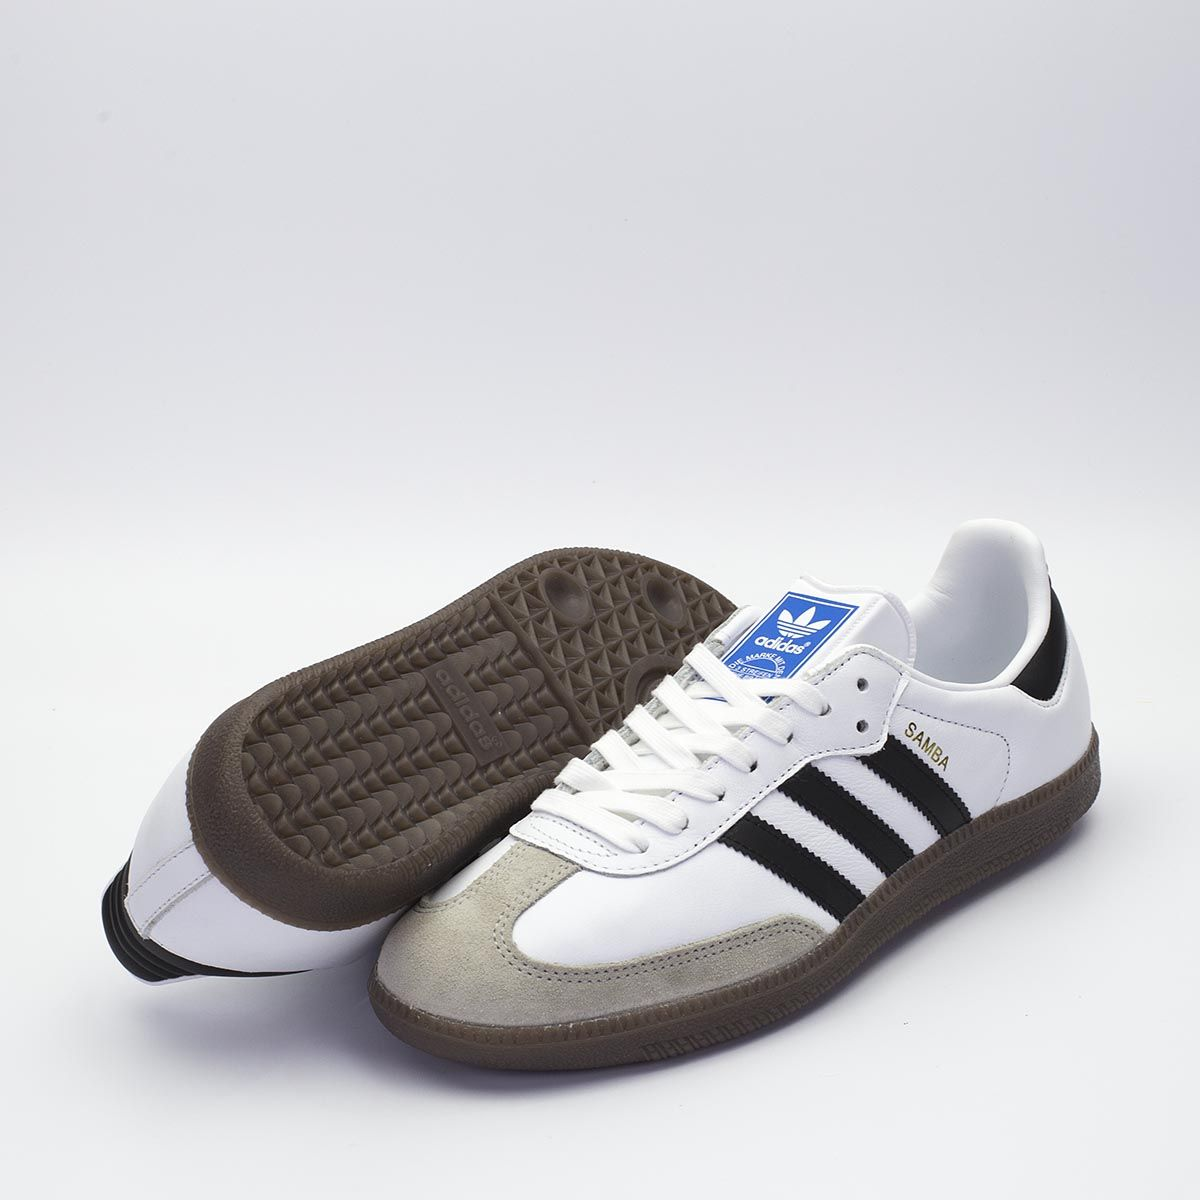 Adidas Samba ΛΕΥΚΟ Adidas y zapatillas online